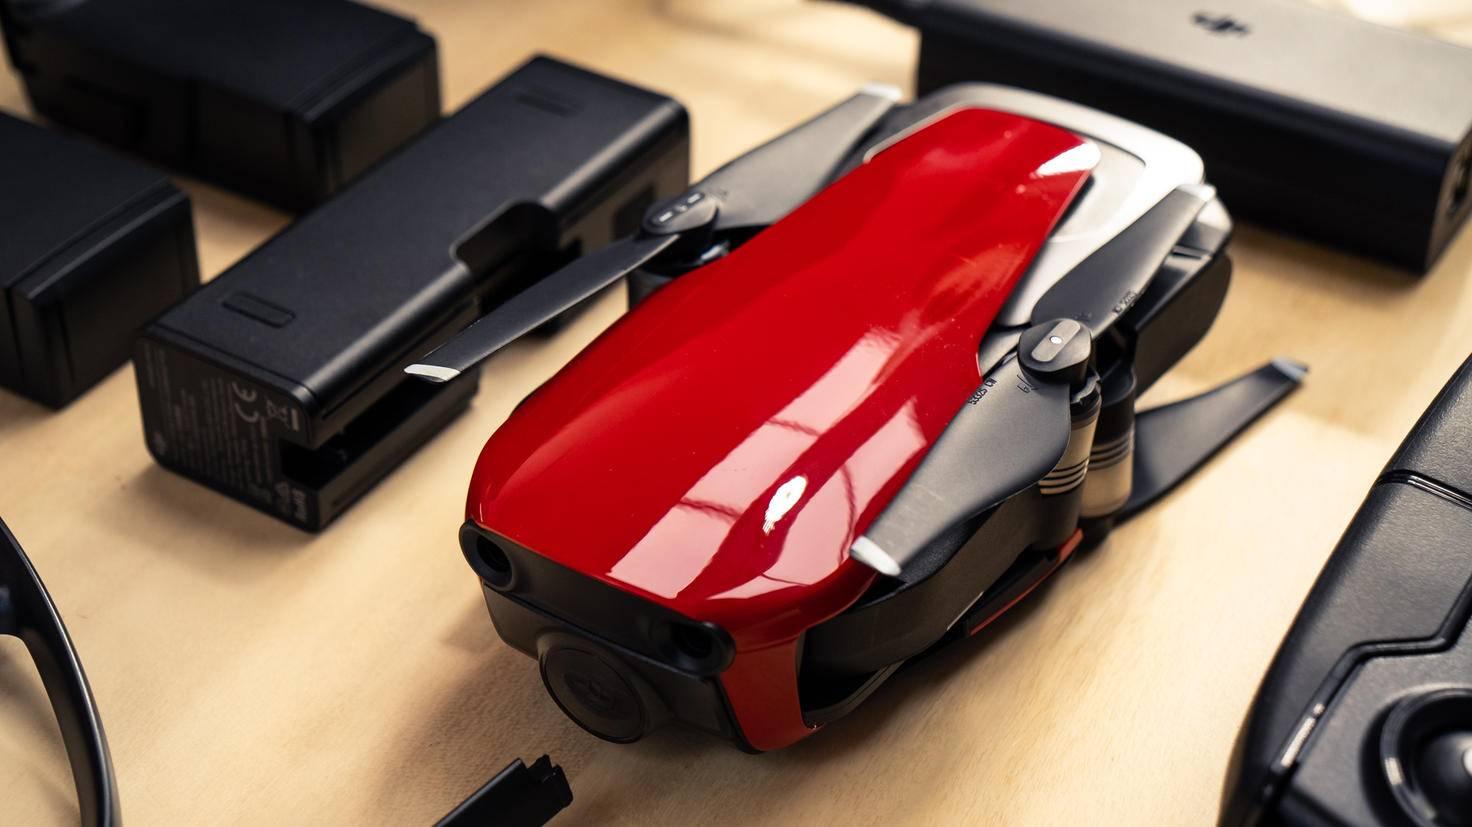 Die zusammengefaltete Drohne kann einfach in der mitgelieferten Reisetasche transportiert werden.